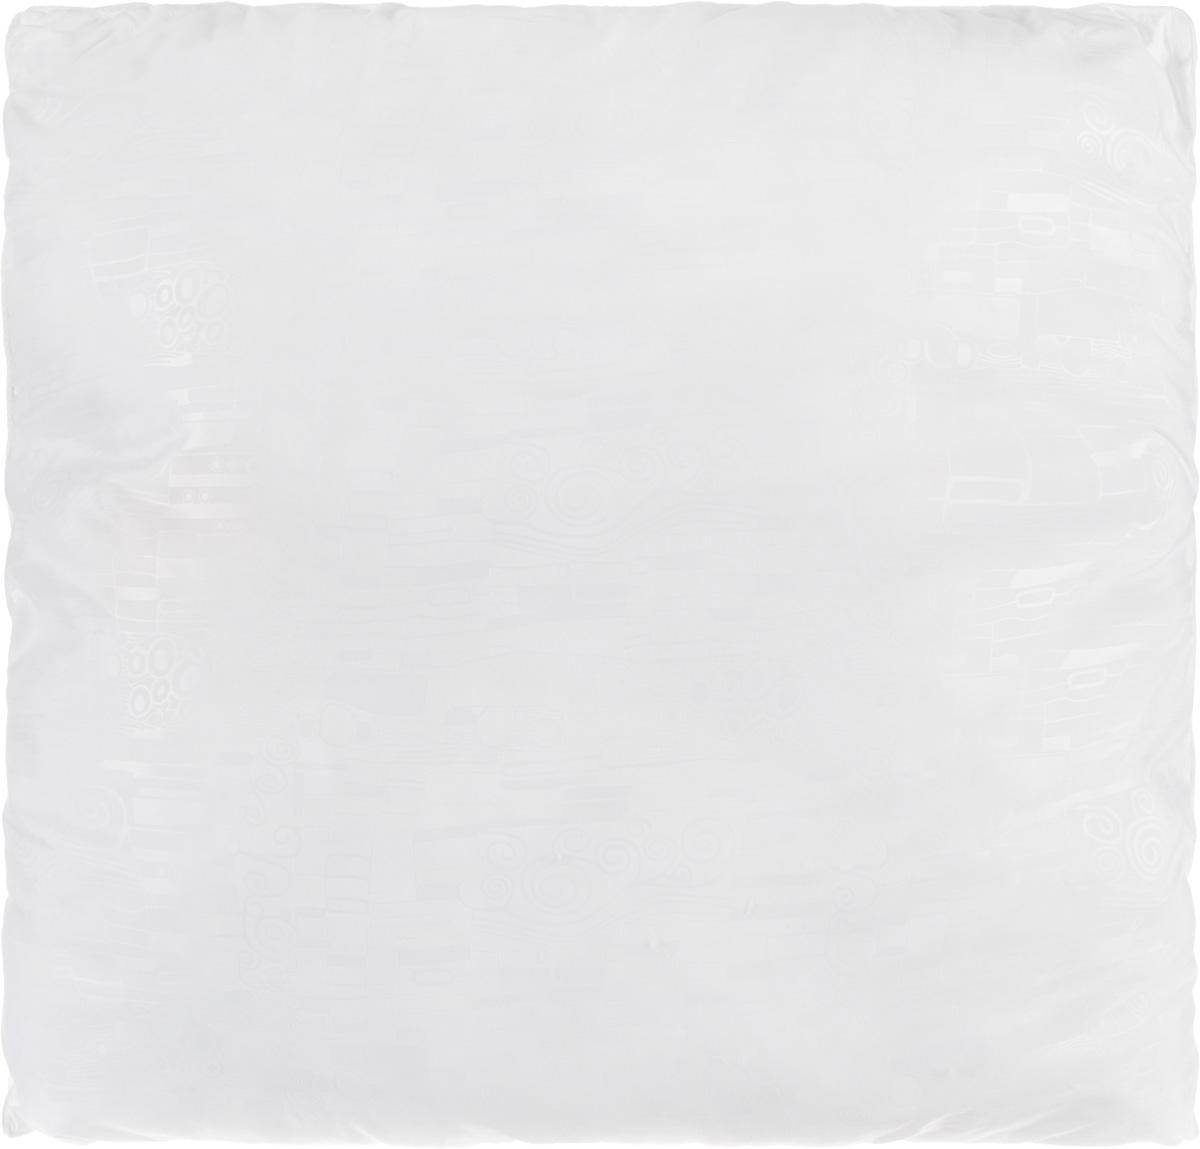 Подушка Smart Textile Безмятежность, наполнитель: лебяжий пух, бамбук, цвет: белый, 70 х 70 смВZ21Удобная и мягкая подушка Smart Textile Безмятежность подарит здоровый сон и отличный отдых. Чехол подушки на молнии выполнен из микрофибры с красивым узором. В качестве наполнителя используется лебяжий пух с добавлением бамбукового волокна. Подушка мягкая, легкая и воздушная, бамбуковый наполнитель напоминает вату или синтепон. Лебяжий пух - это 100% сверхтонкое высокосиликонизированное волокно. Такой наполнитель мягкий и приятный на ощупь. Гипоаллергенное волокно бамбука легко пропускает воздух и не вызывает потливости. Оно мгновенно впитывает влагу и быстро высыхает, что особенно важно в летний зной. Подушка удобна в эксплуатации: легко стирается, быстро сохнет, сохраняя первоначальные свойства, устойчива к воздействию прямых солнечных лучей, износостойка и прочна. Подушка не накапливает запахов и не требует химчистки. Подушка упруга, великолепно держит форму, а также отличается достаточной жесткостью. Сон на такой подушке не принесет болей в шее и позвоночнике. Изделие также обладает высокой теплоизоляционной способностью - не вызывает перегрева головы.